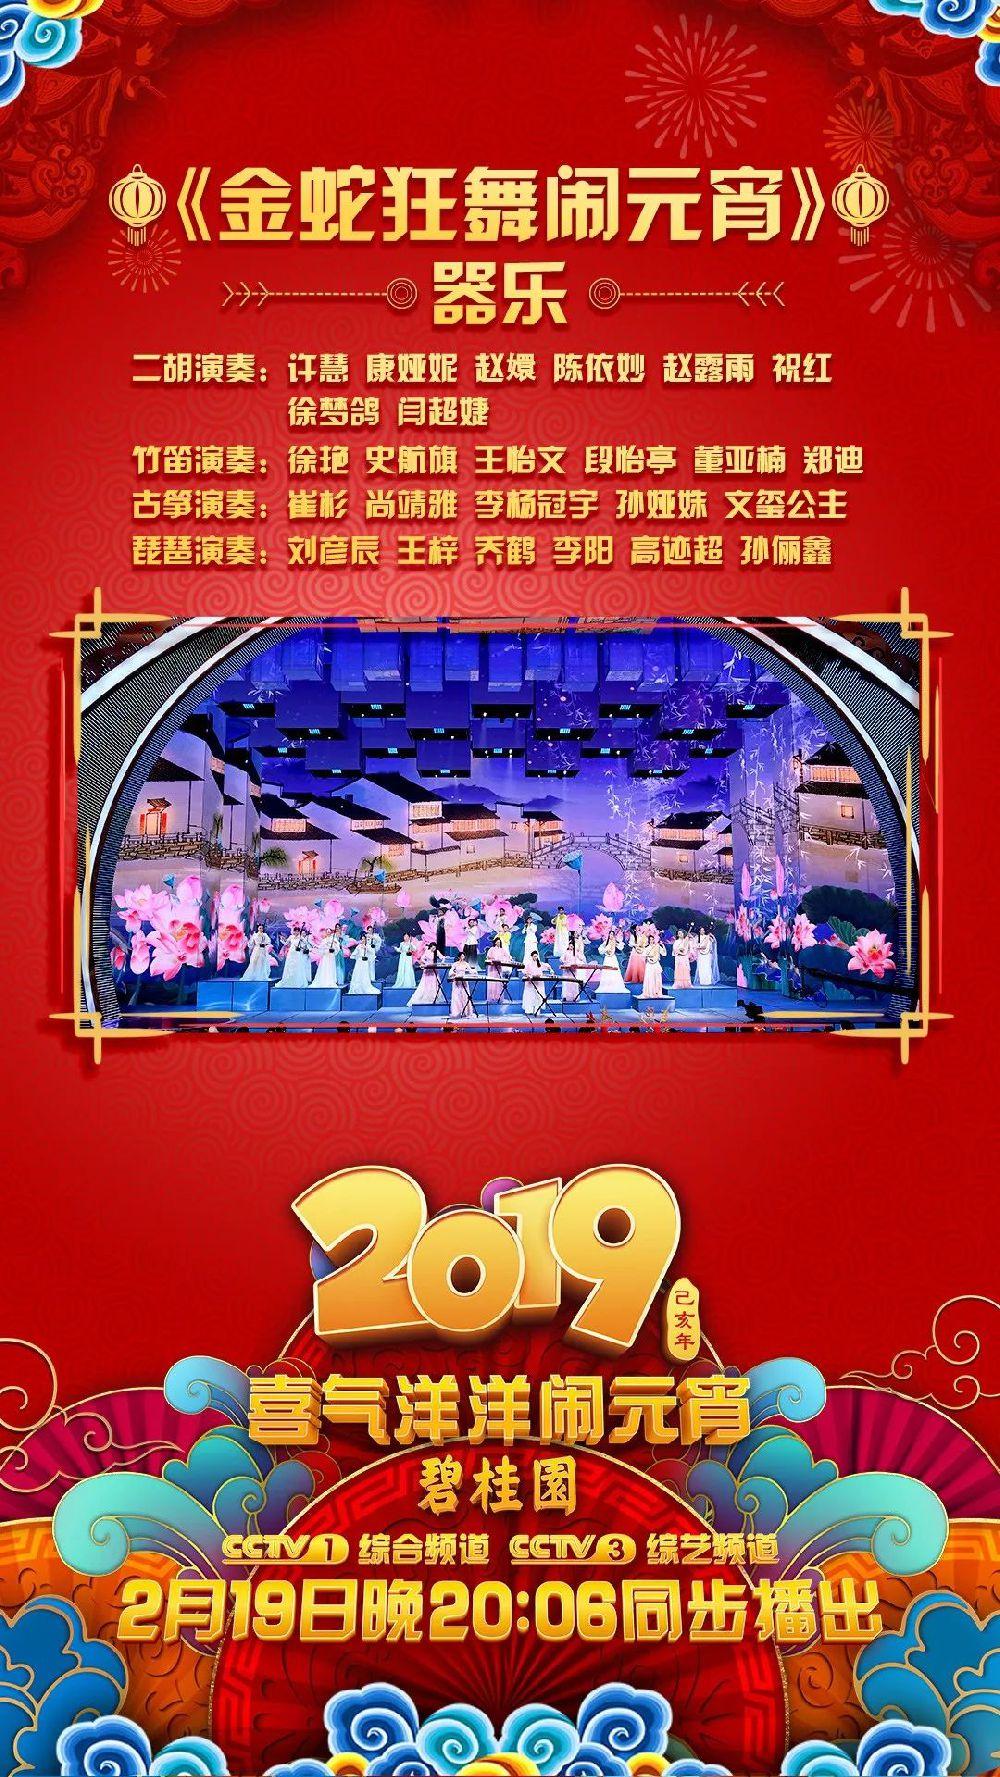 2019年央视元宵晚会预报